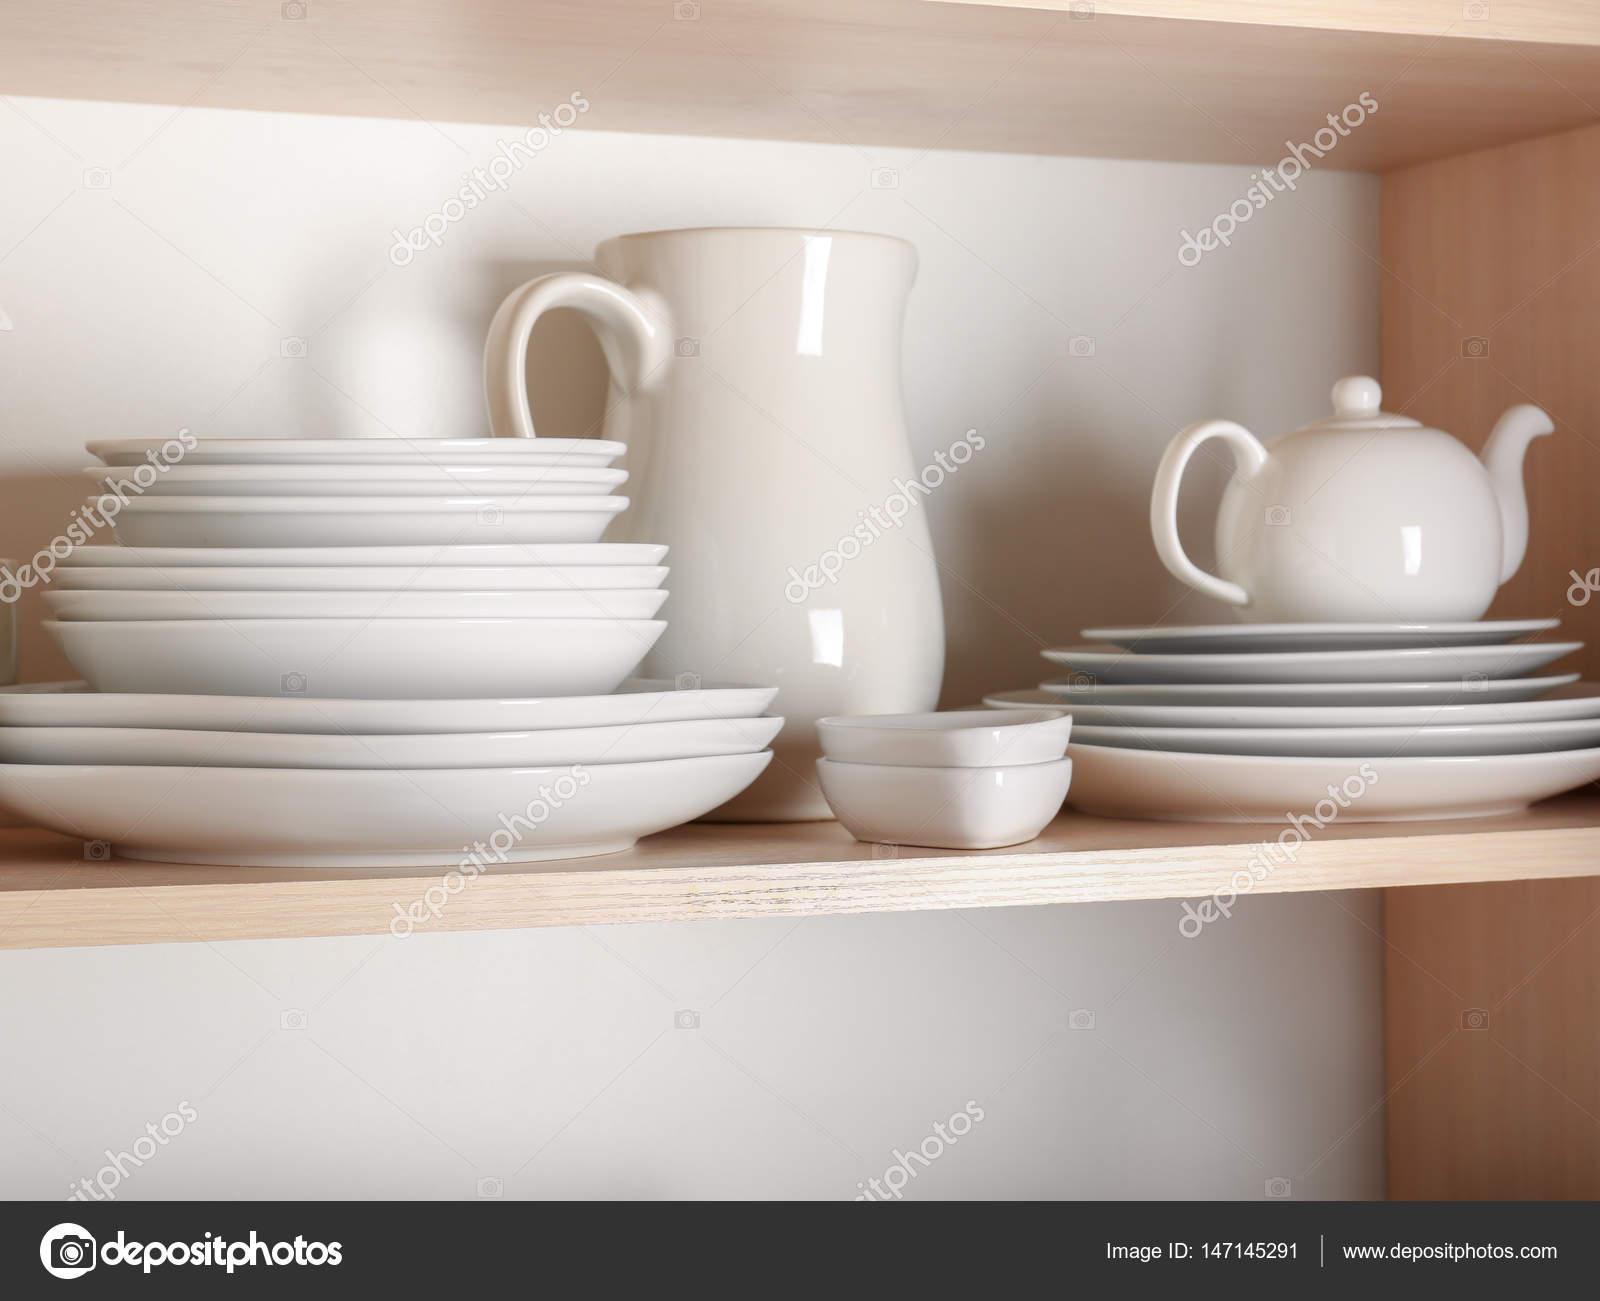 Nice rustic dinnerware u2014 Stock Photo & nice rustic dinnerware u2014 Stock Photo © belchonock #147145291